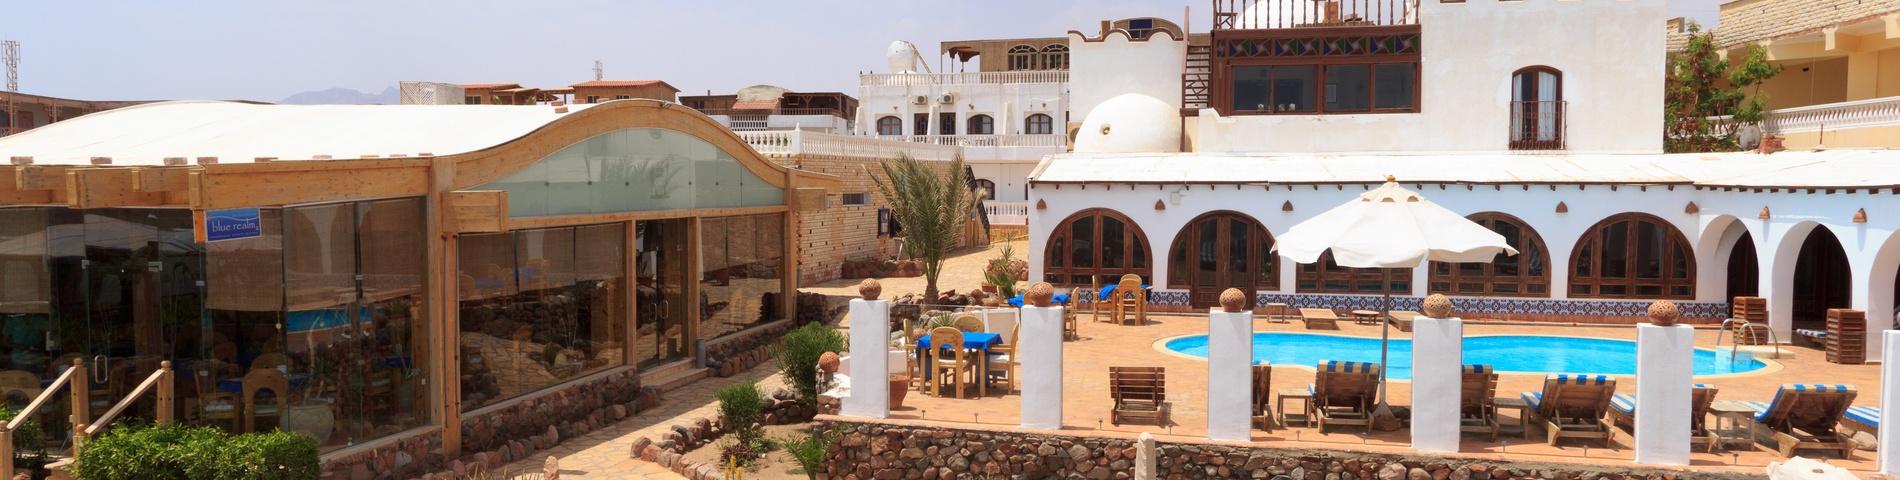 Blue Beach Club School Of Arabic Language immagine 1